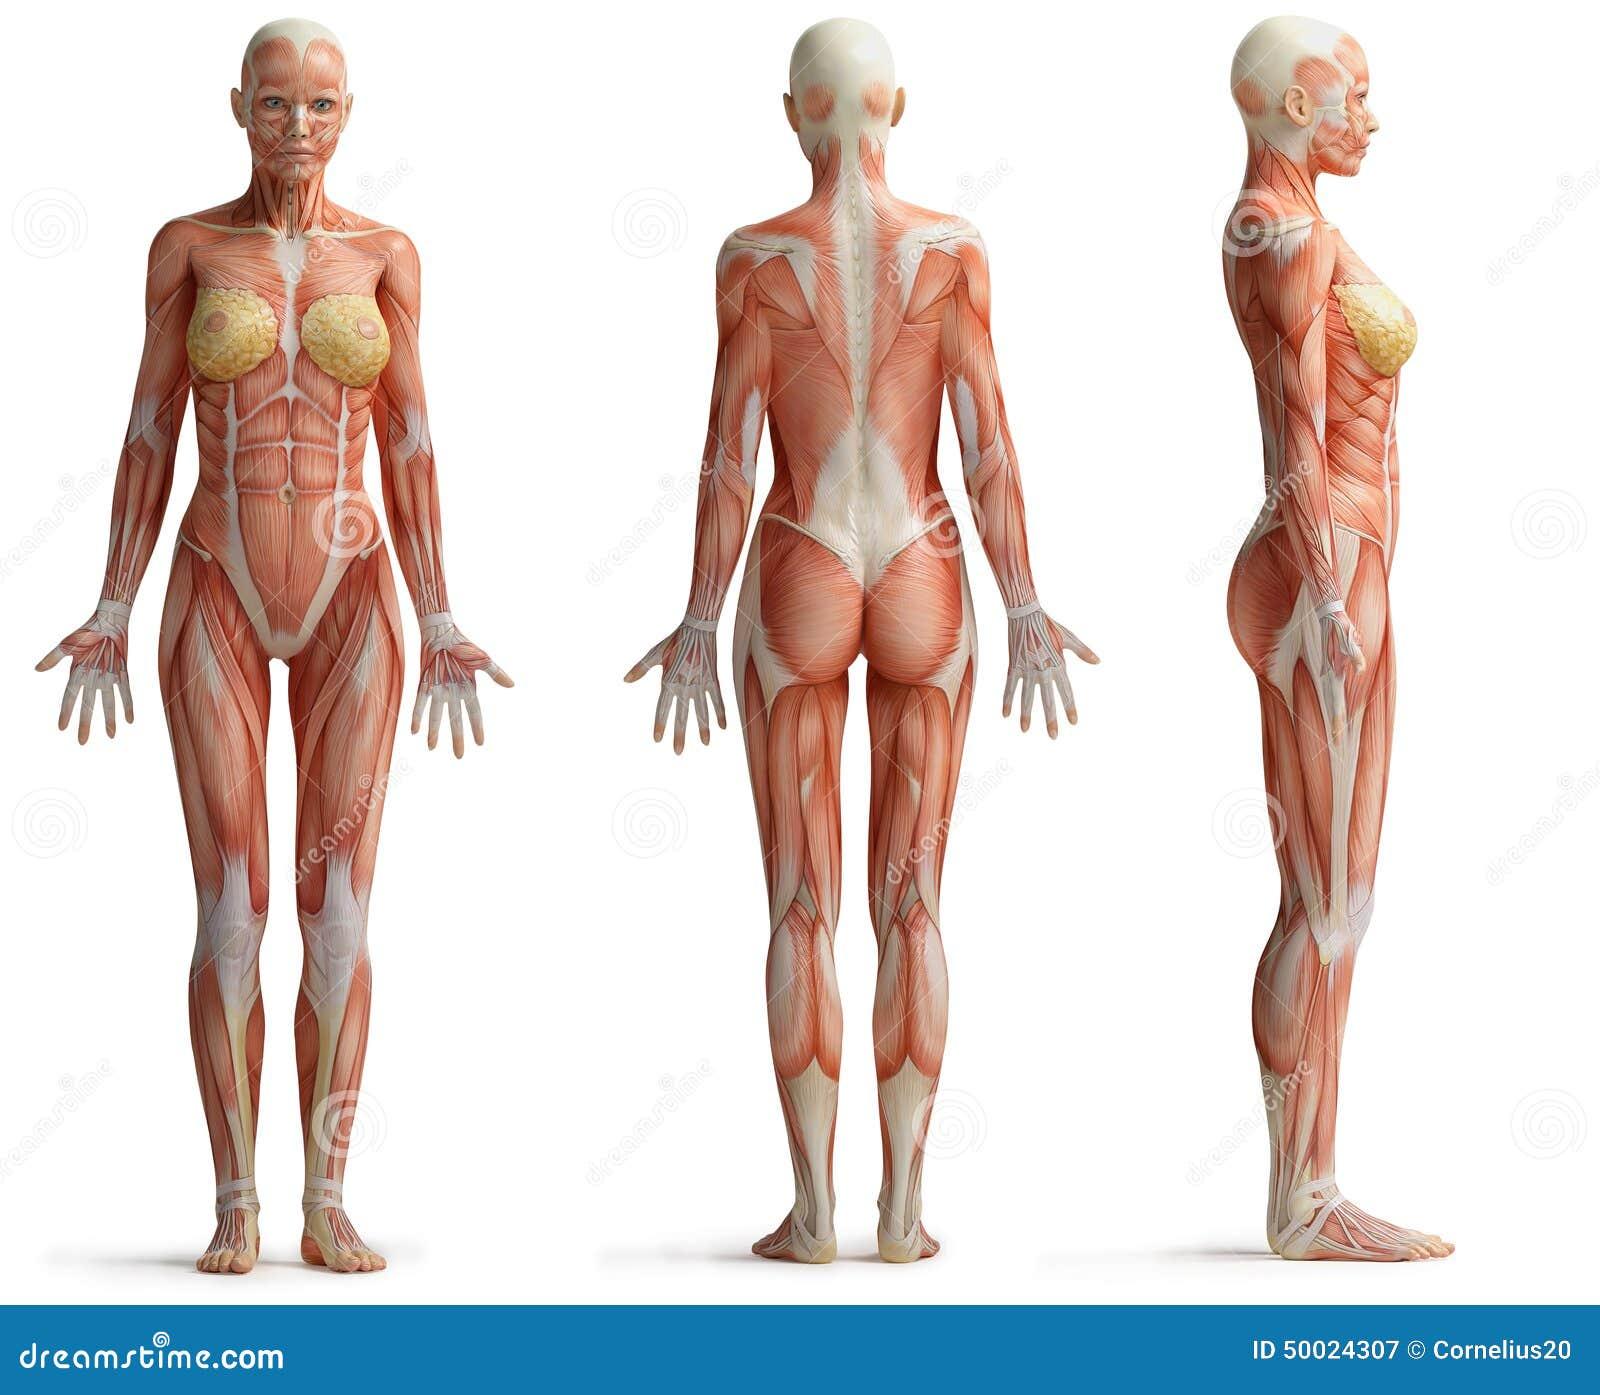 Weibliche Anatomie stock abbildung. Illustration von muskulatur ...